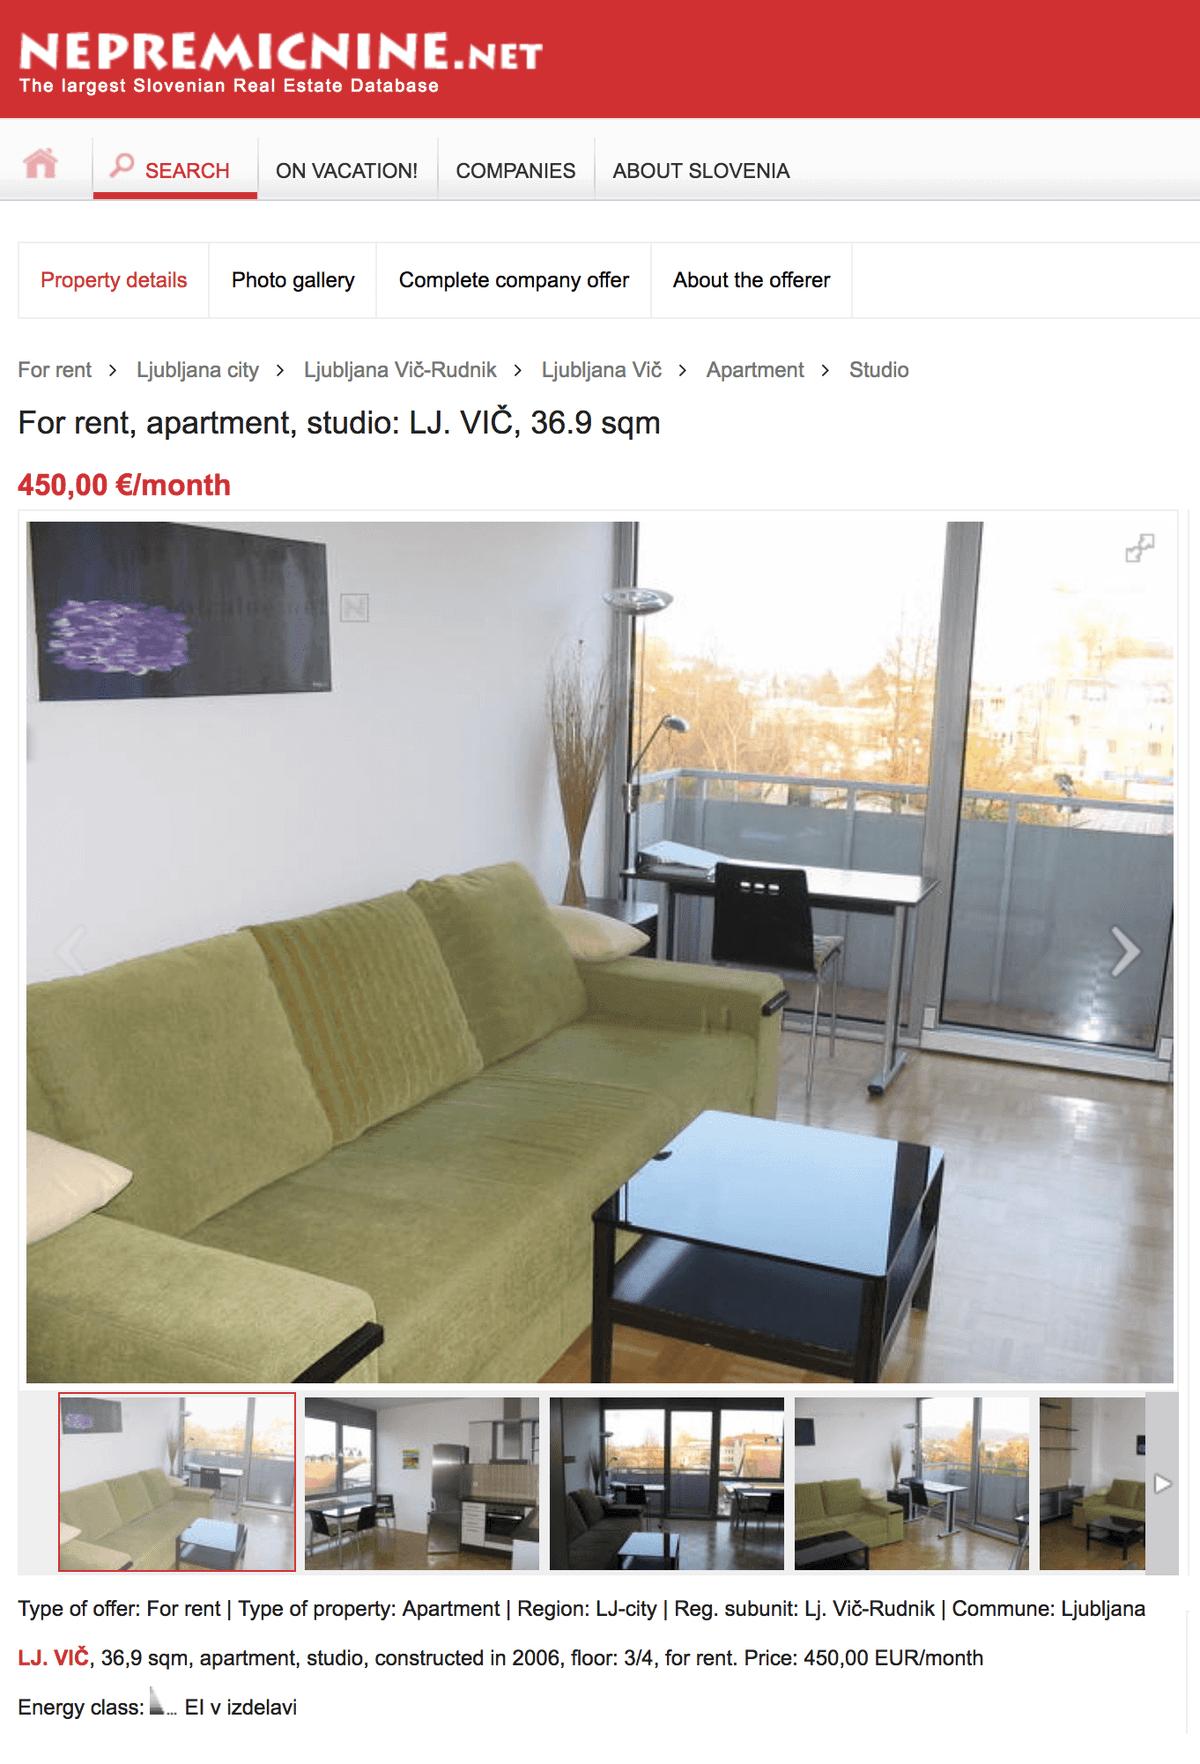 Вот такую студию в Любляне можно снять за 450€ в месяц